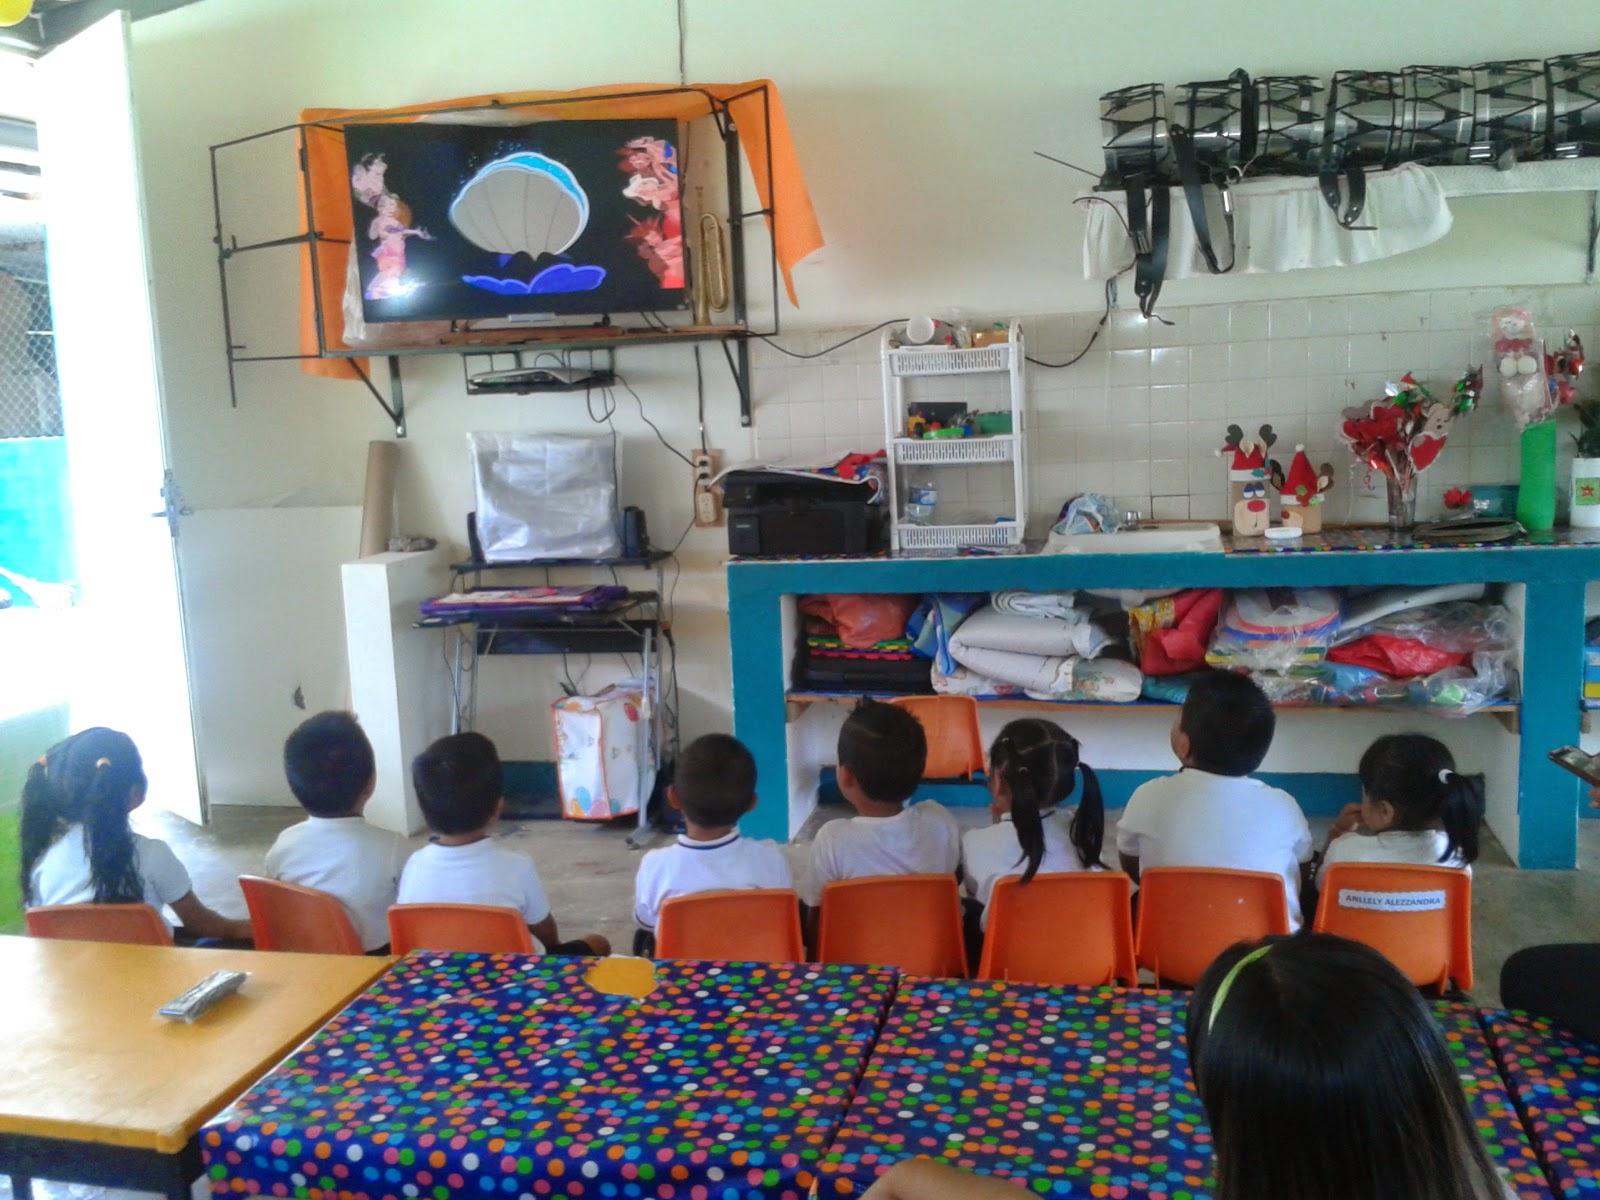 Resultado de imagen para NIÑOS OBSERVANDO PELICULA EN CLASE